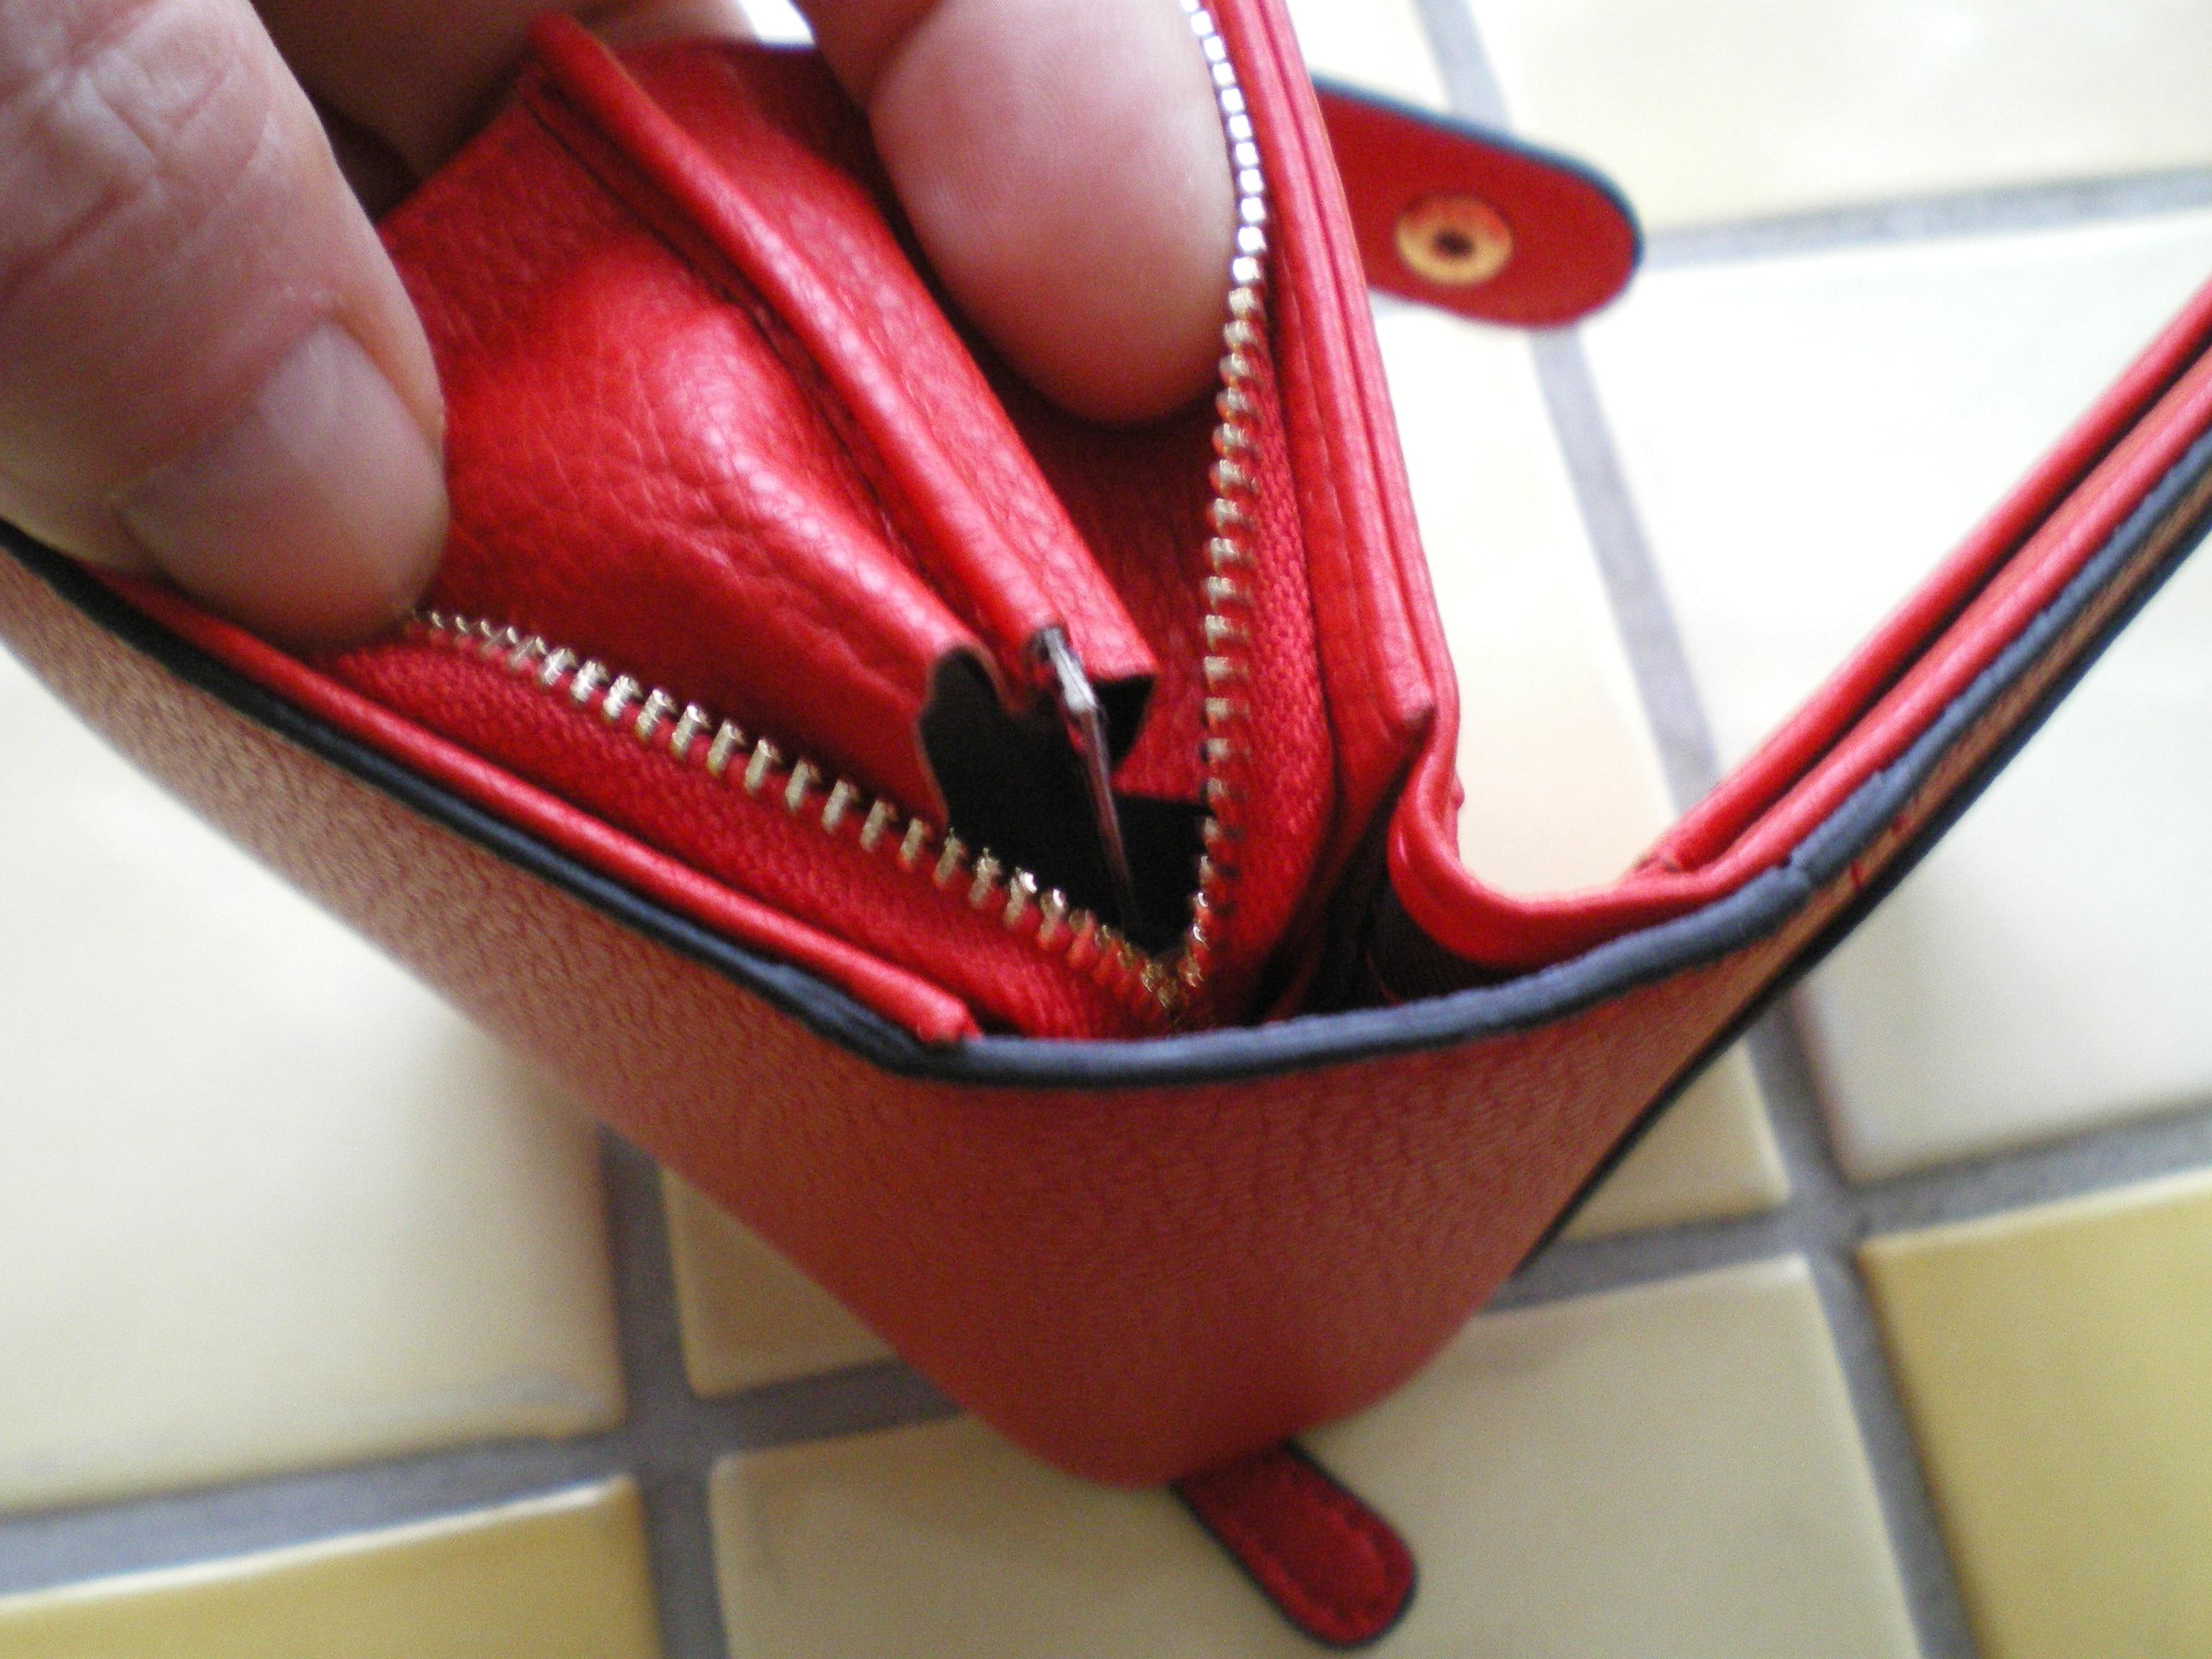 Dames Portefeuilles 2019 Nieuw Luxe merk Rood Zwart Klein Mini Portemonnee Hasp Kaarthouder Dame Portemonnee Rits Vrouwelijk lederen gesp photo review